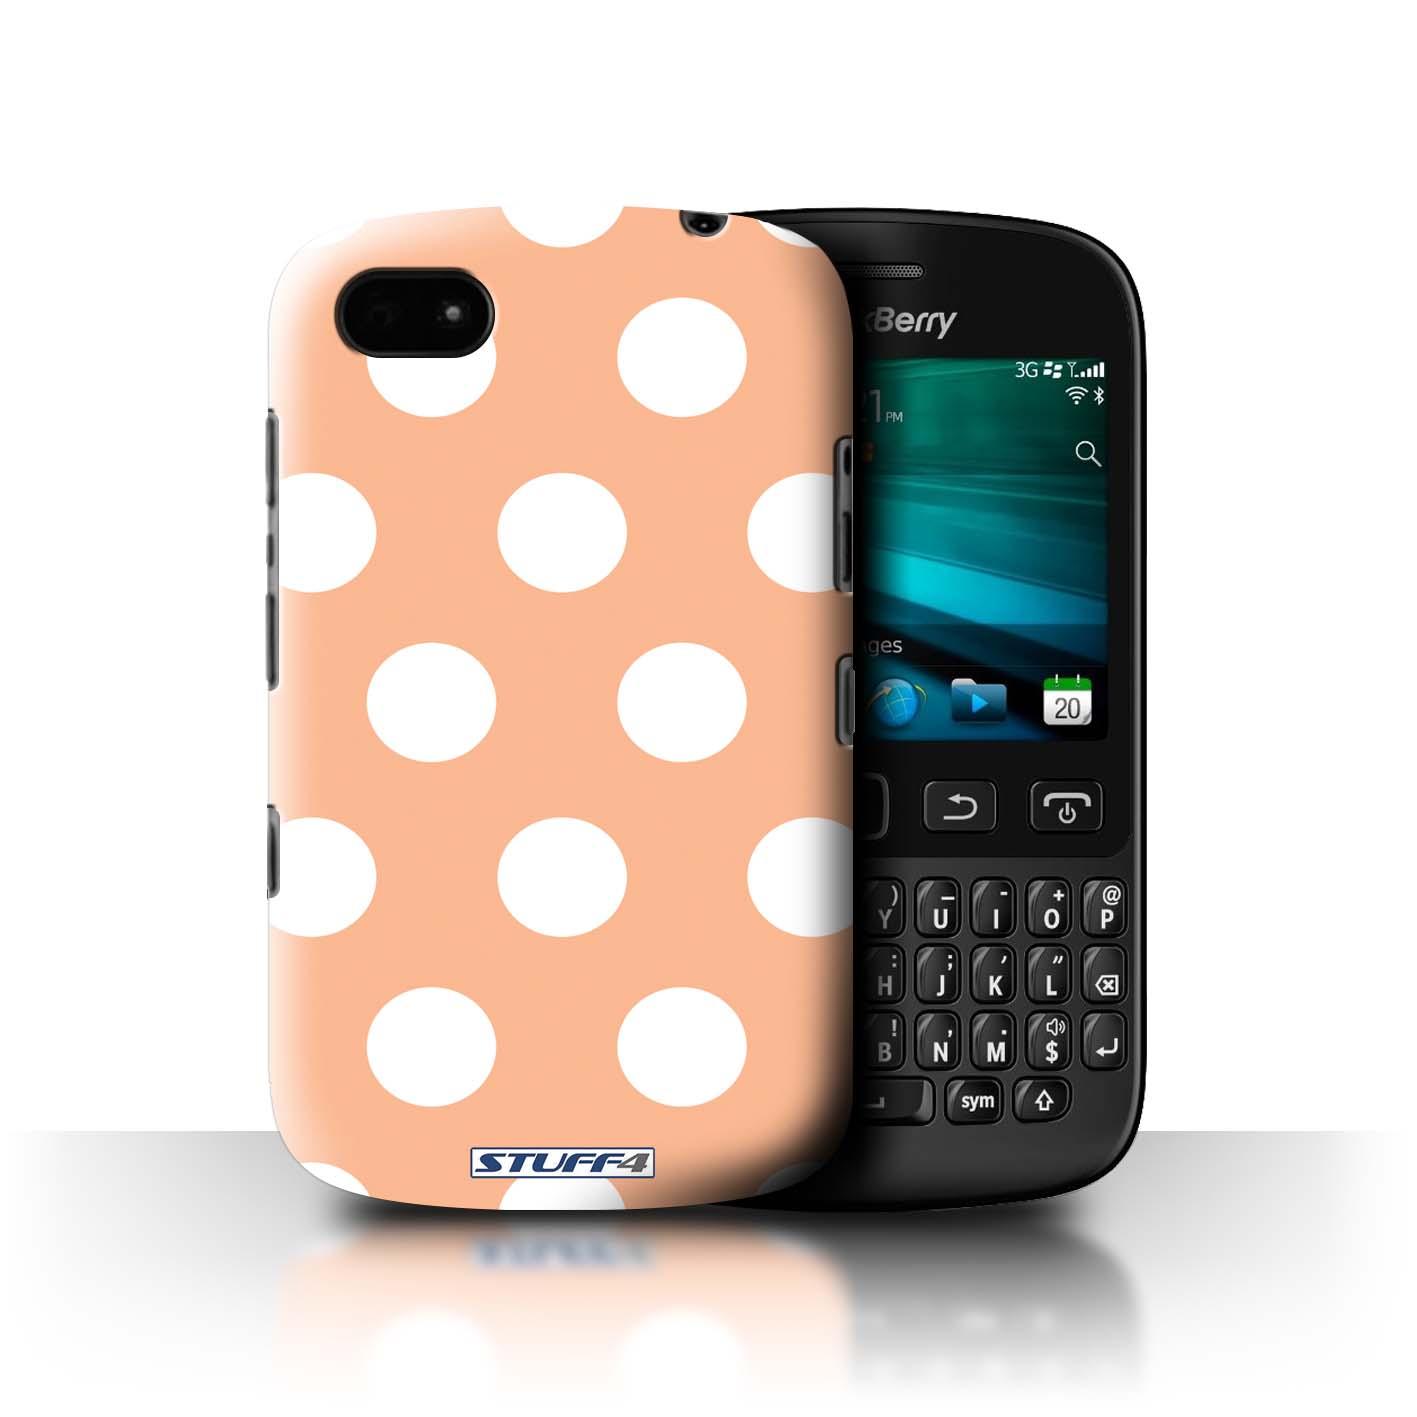 STUFF4-Coque-Etui-pour-Blackberry-Smartphone-Motif-a-Pois-Protection-Housse